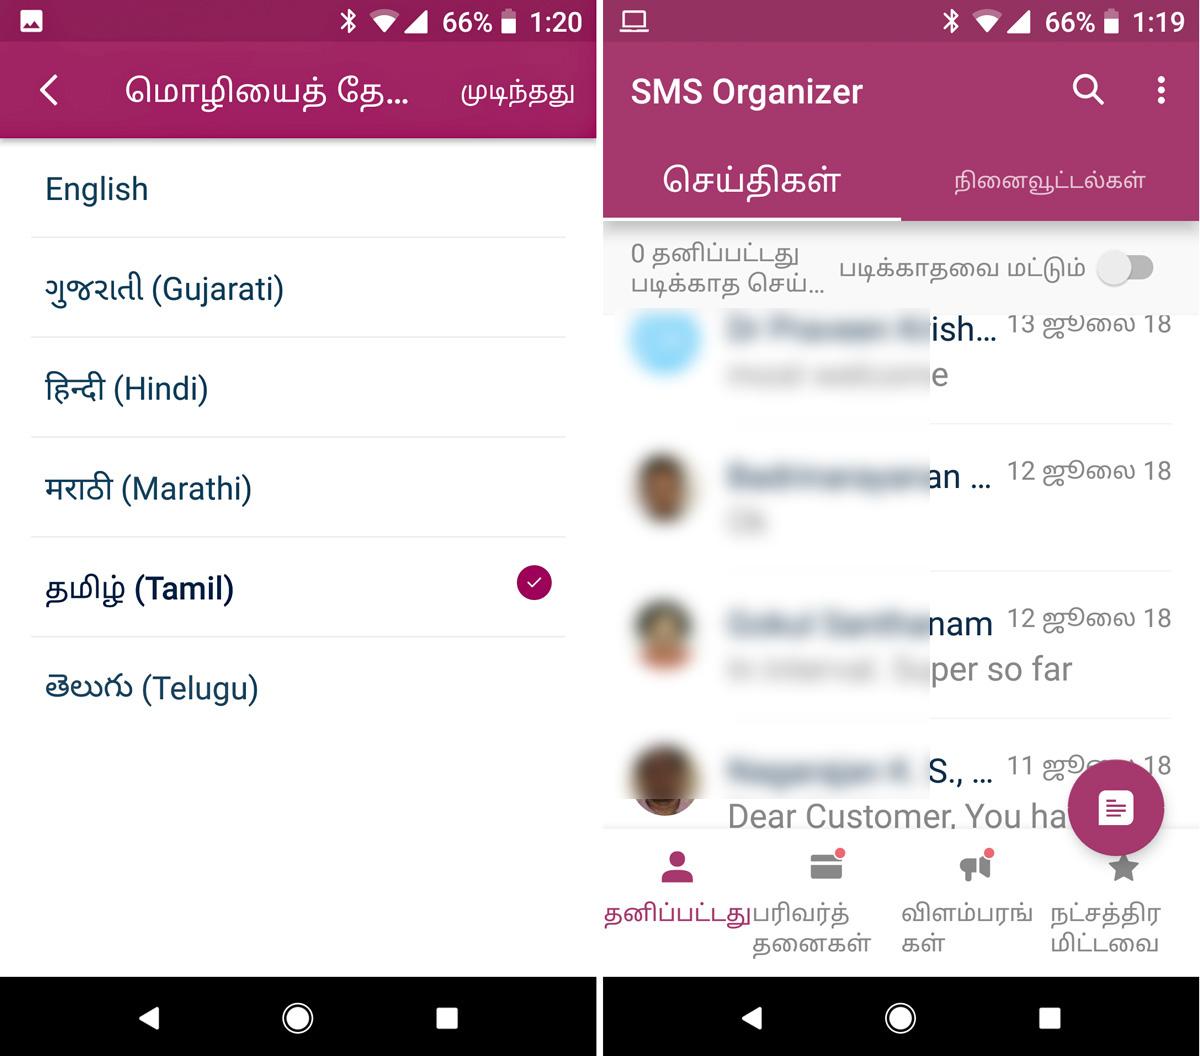 மைக்ரோசாப்ட் குறுஞ்செய்தி செயலி தமிழில் - Microsoft SMS Organizer supports Tamil User Interface